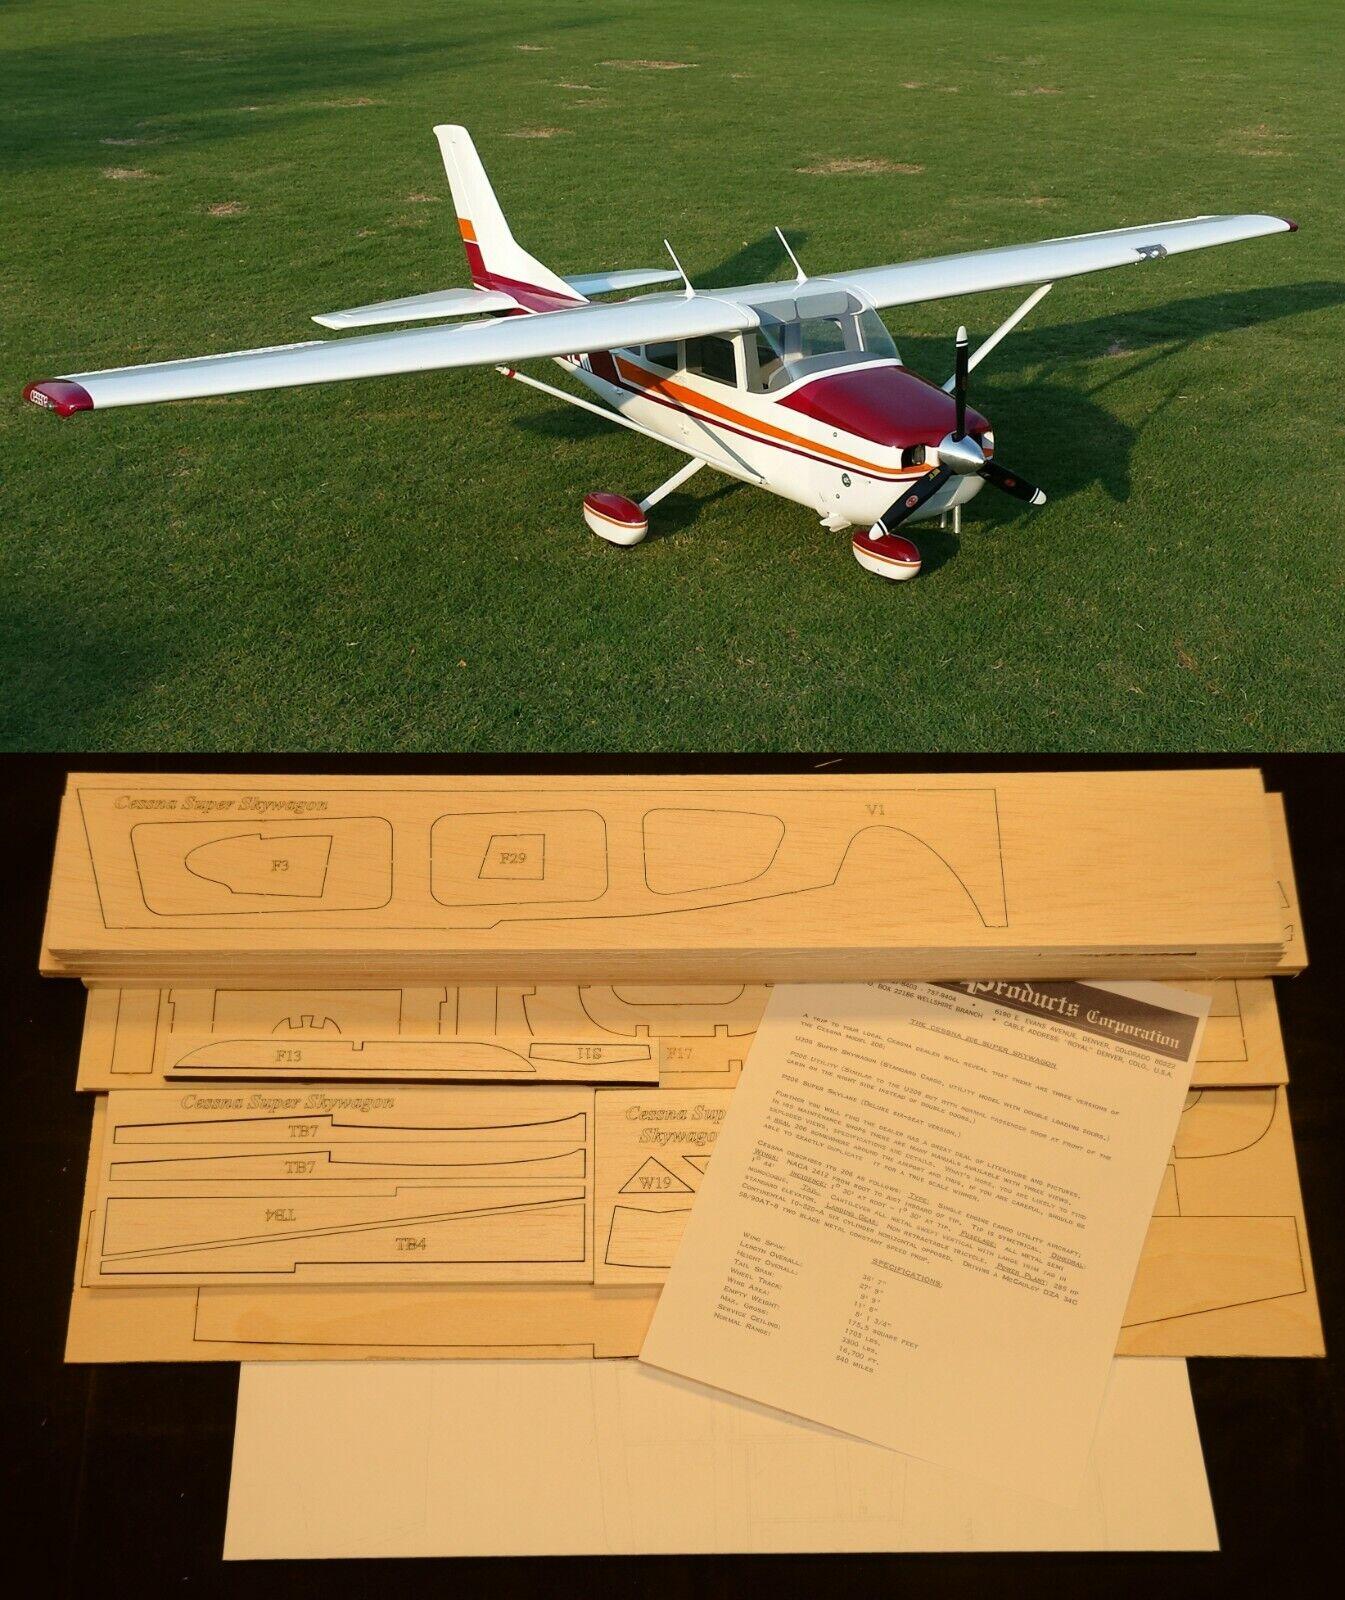 """73""""WS Cessna Super SKYWAGON R/c Plane partial kit-short kit & plans, PLEASE READ"""